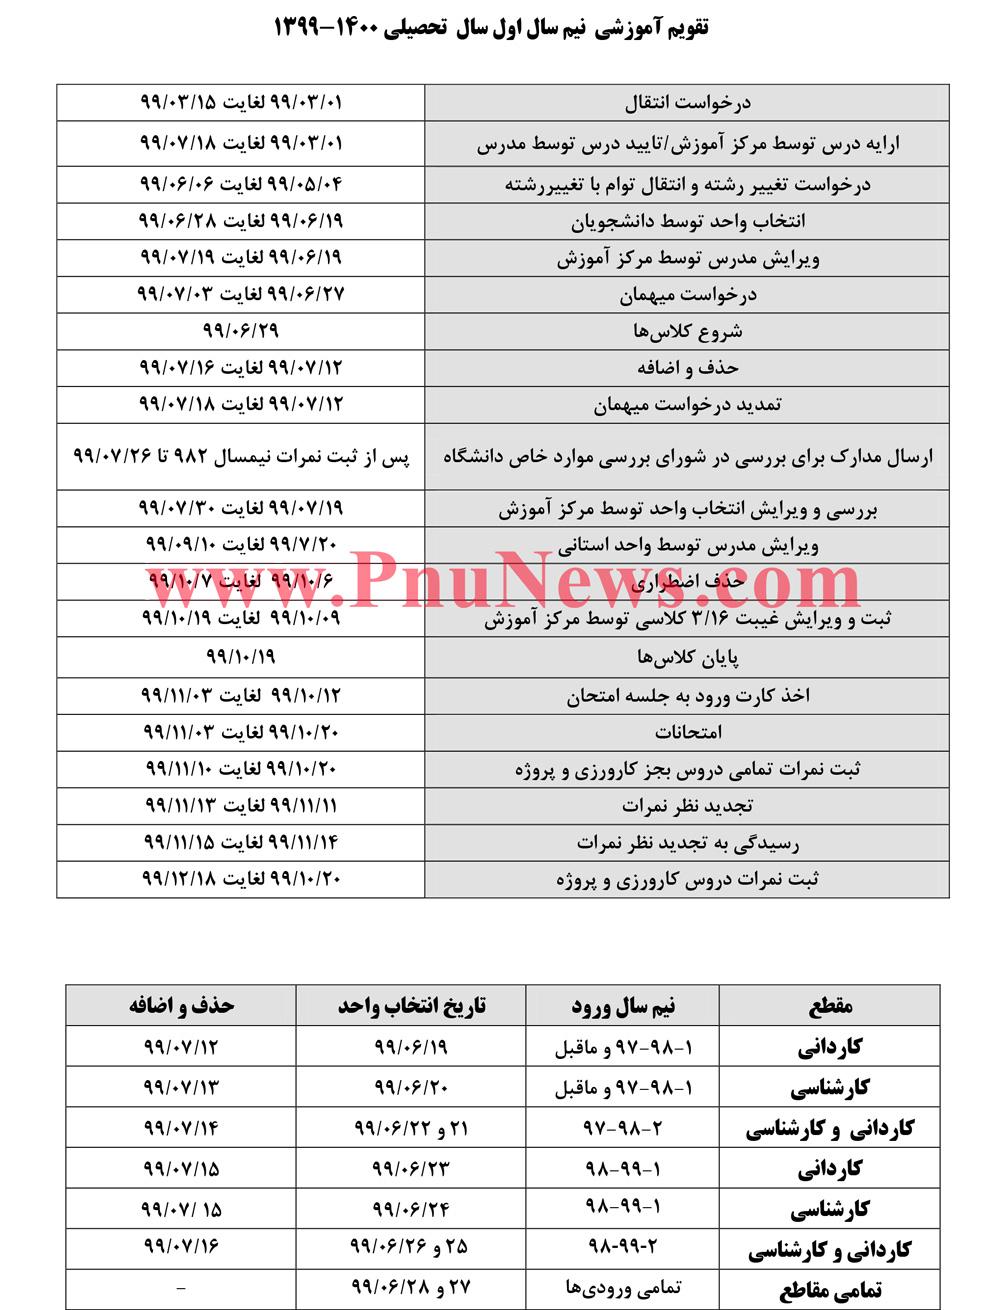 تقویم-آموزشی-ترم-مهر-99-دانشگاه-علمی-کاربردی